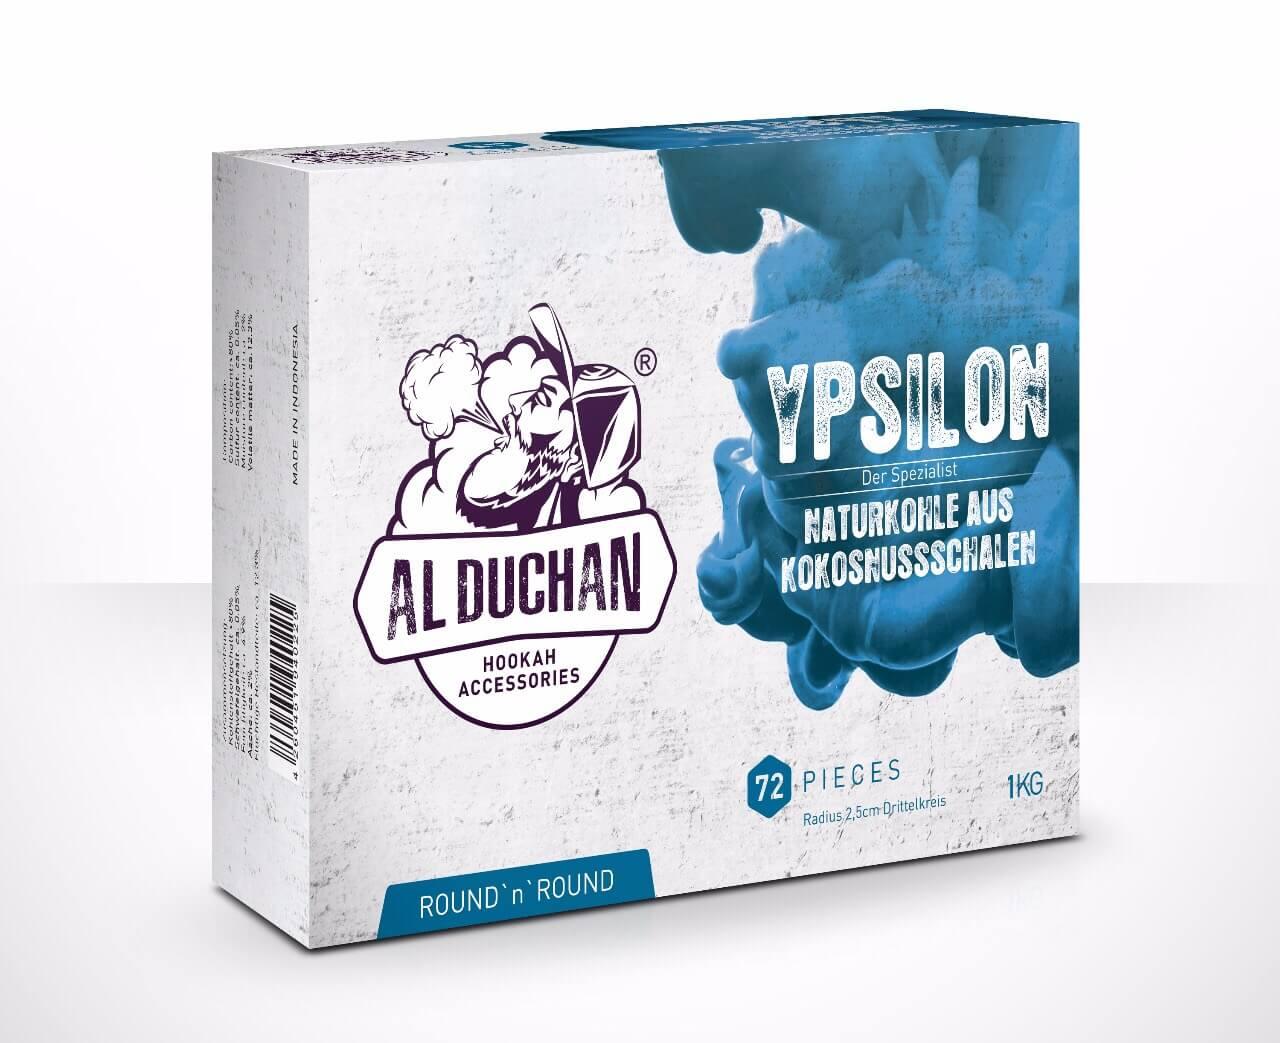 Al Duchan YPSILON - 1kg